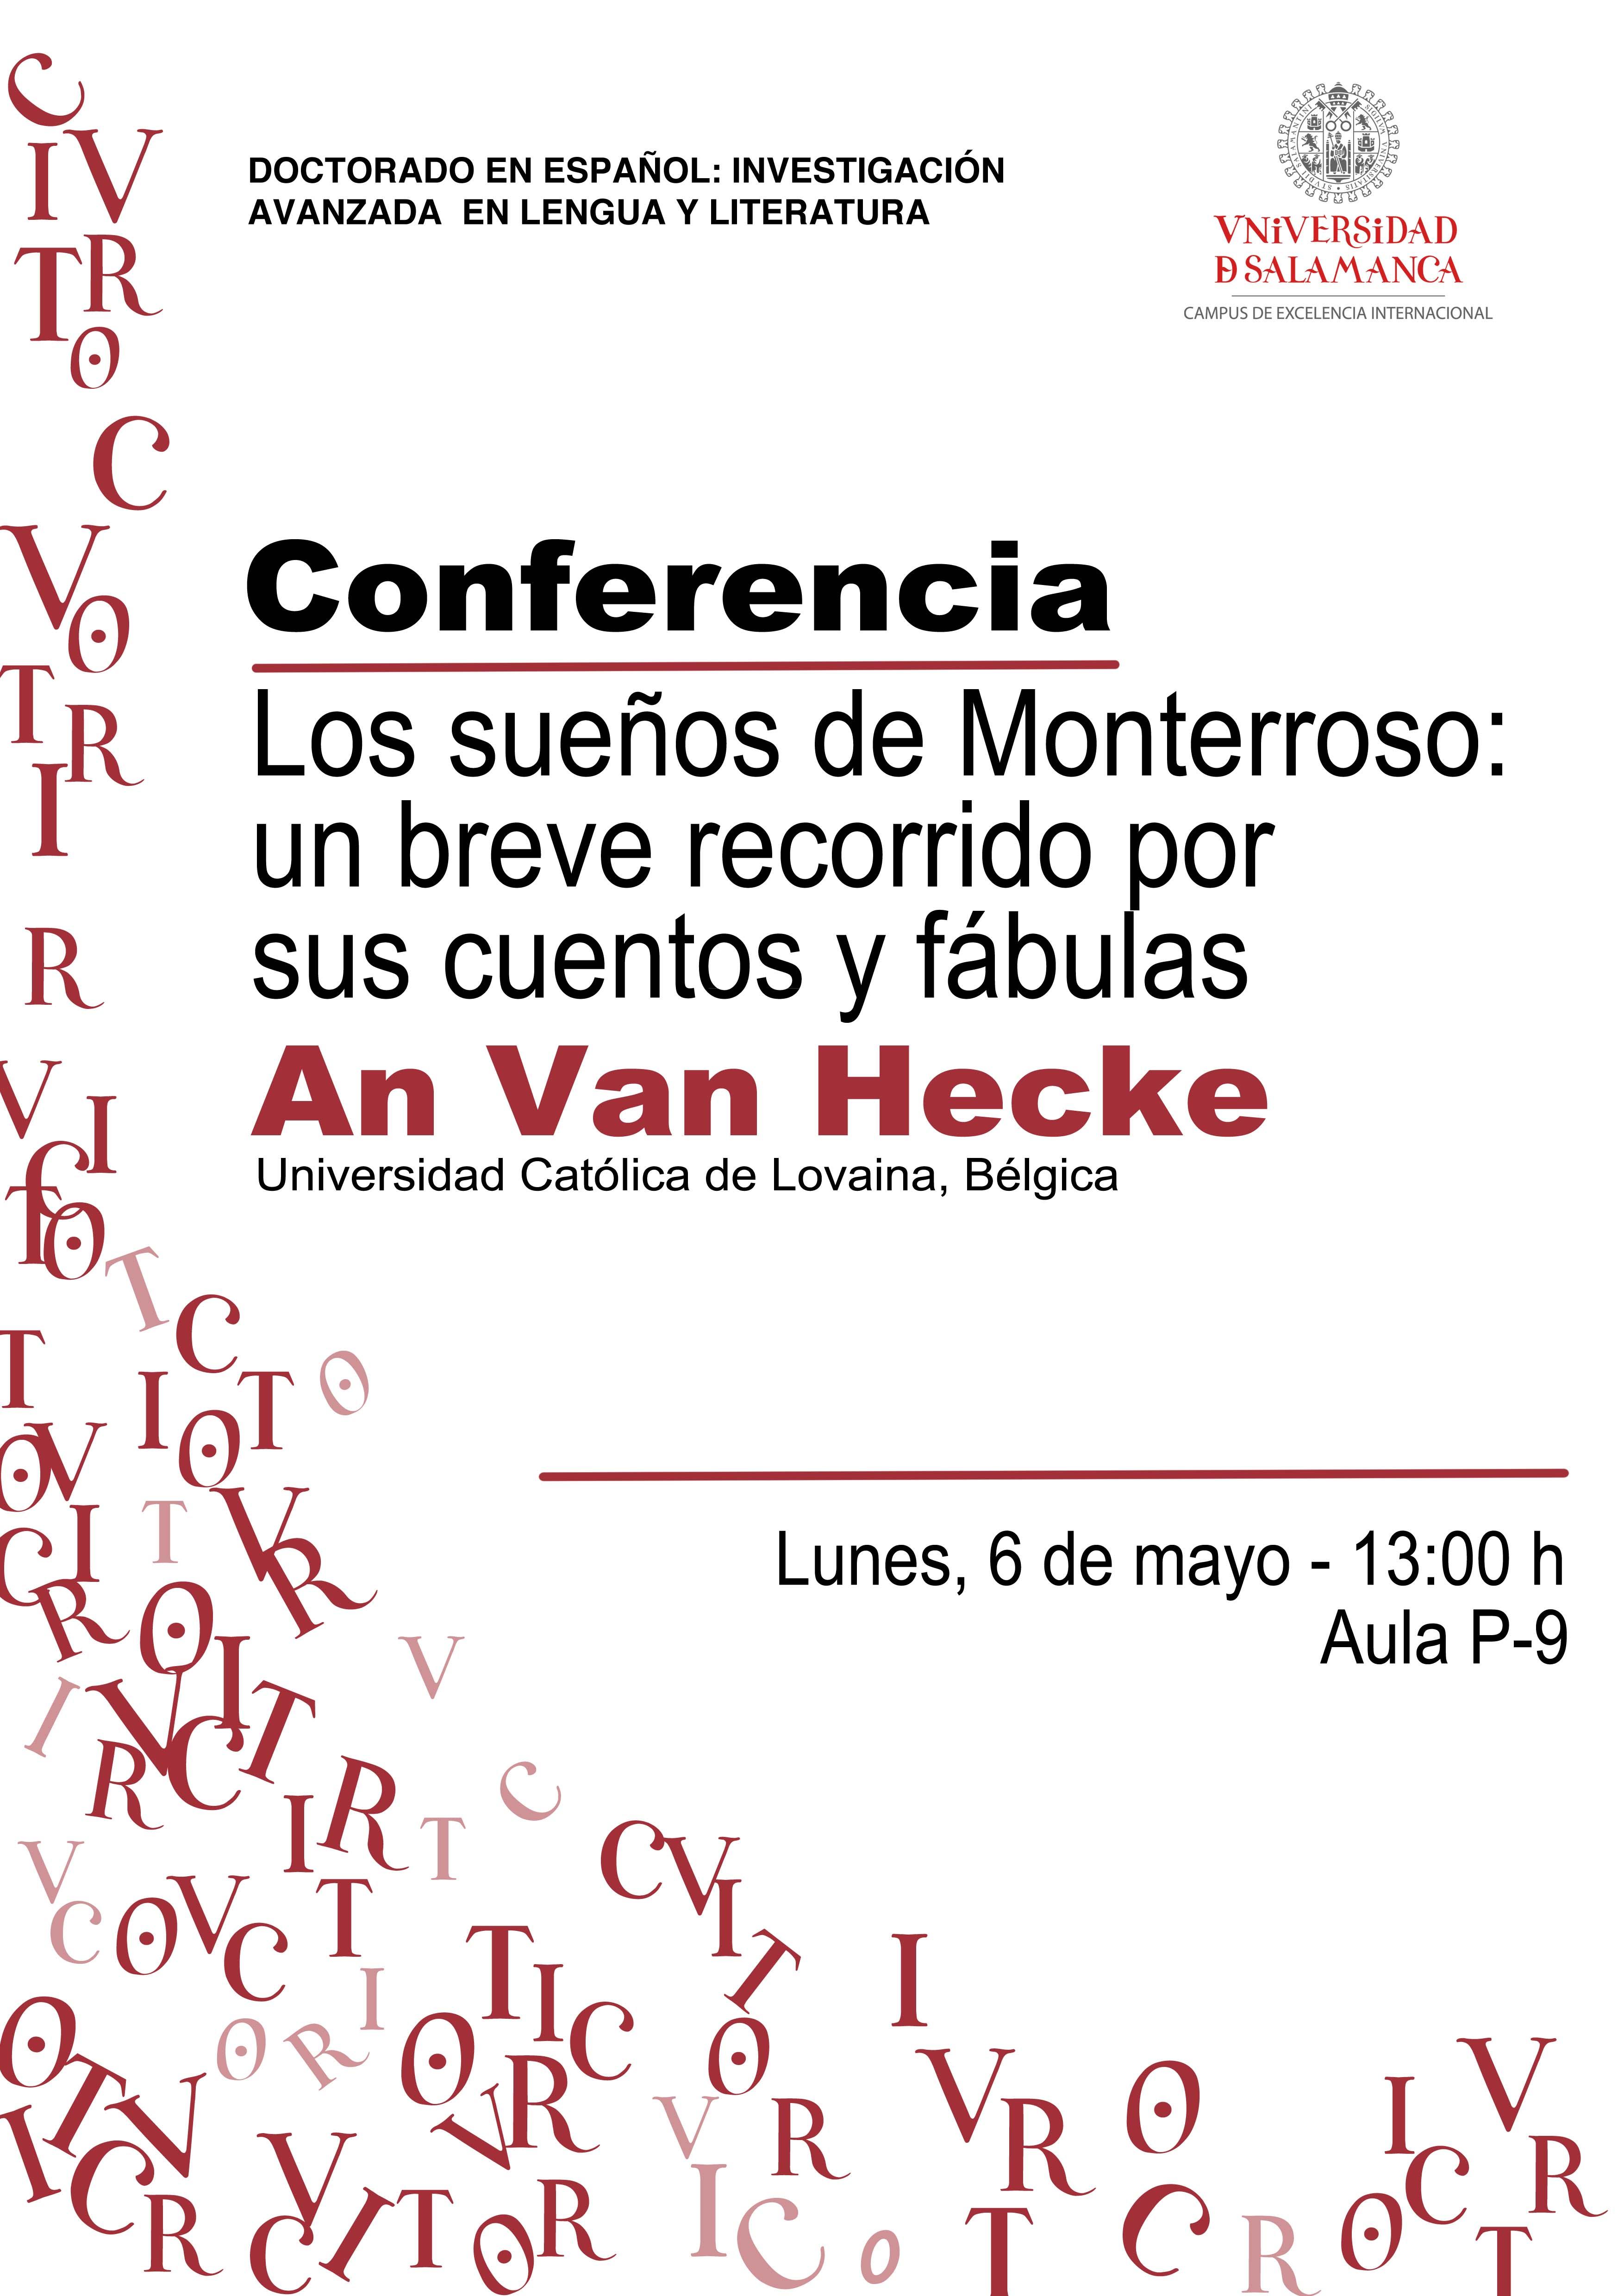 Conferencia de An Van Hecke